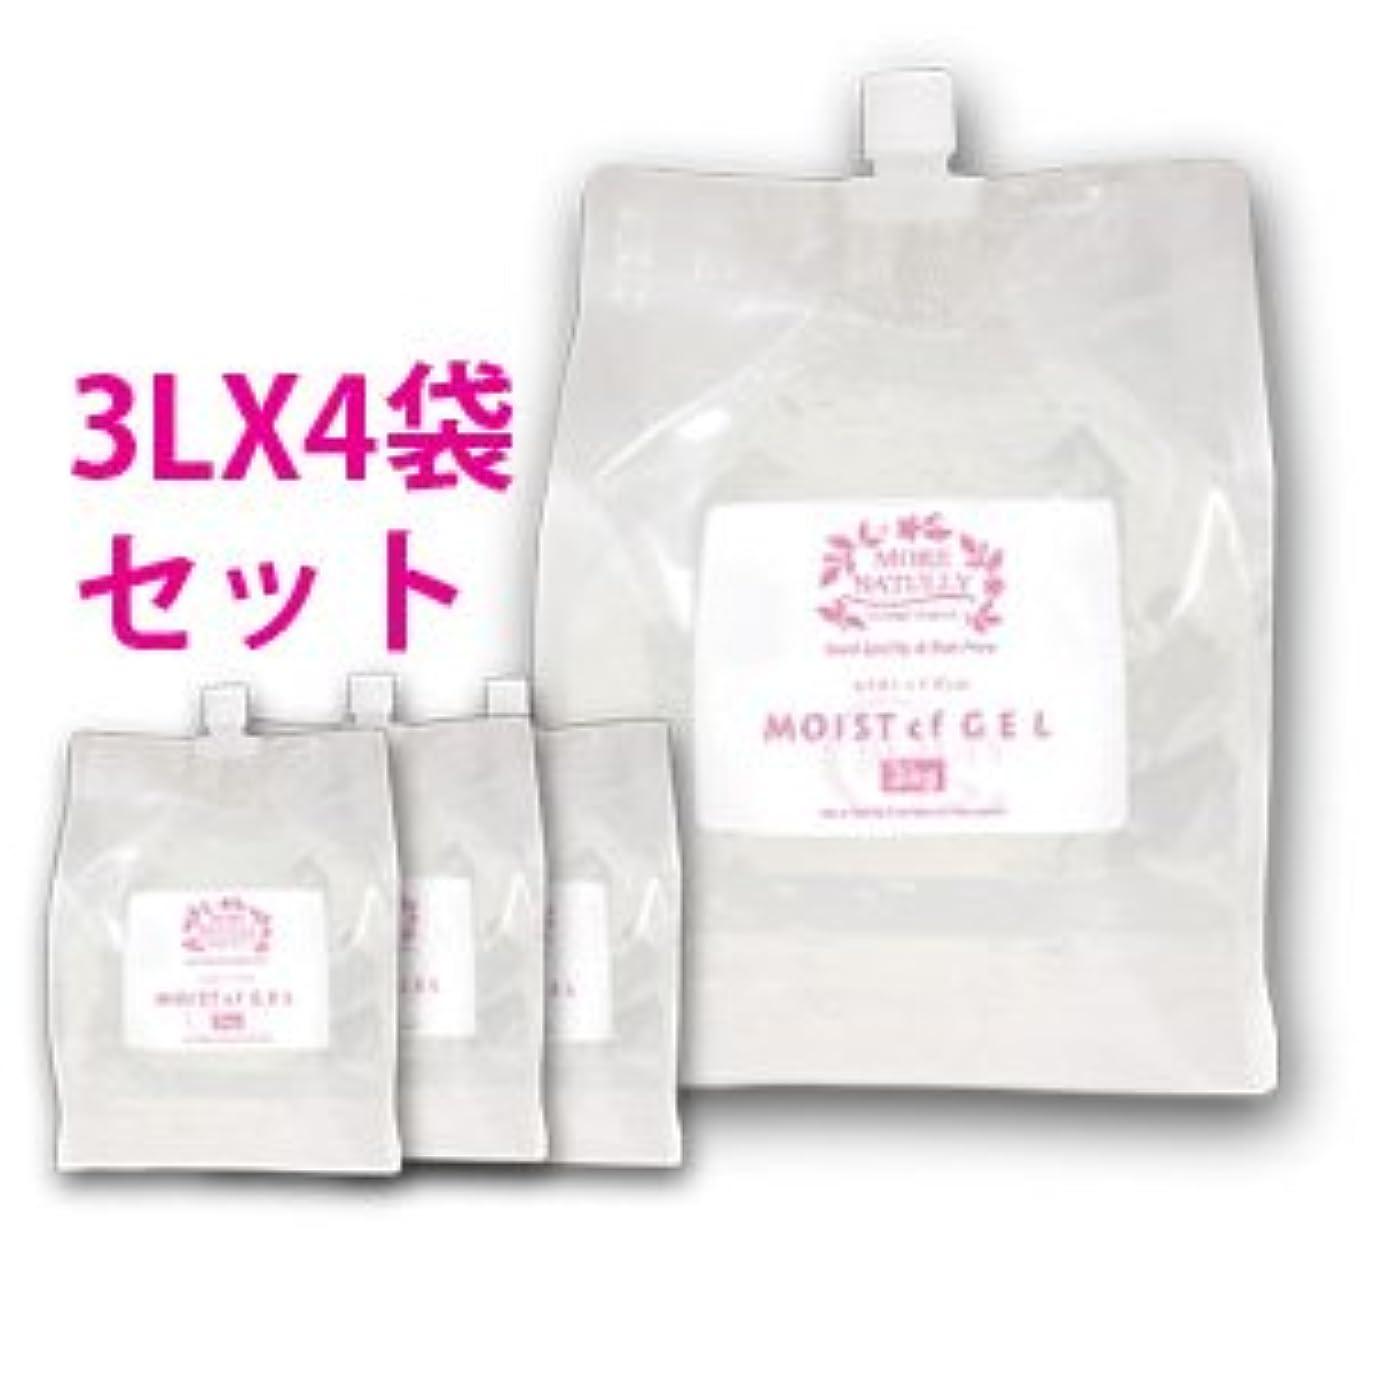 湖啓発するクリケットモアナチュリー モイストcfジェル 4袋セット 3kg×4袋